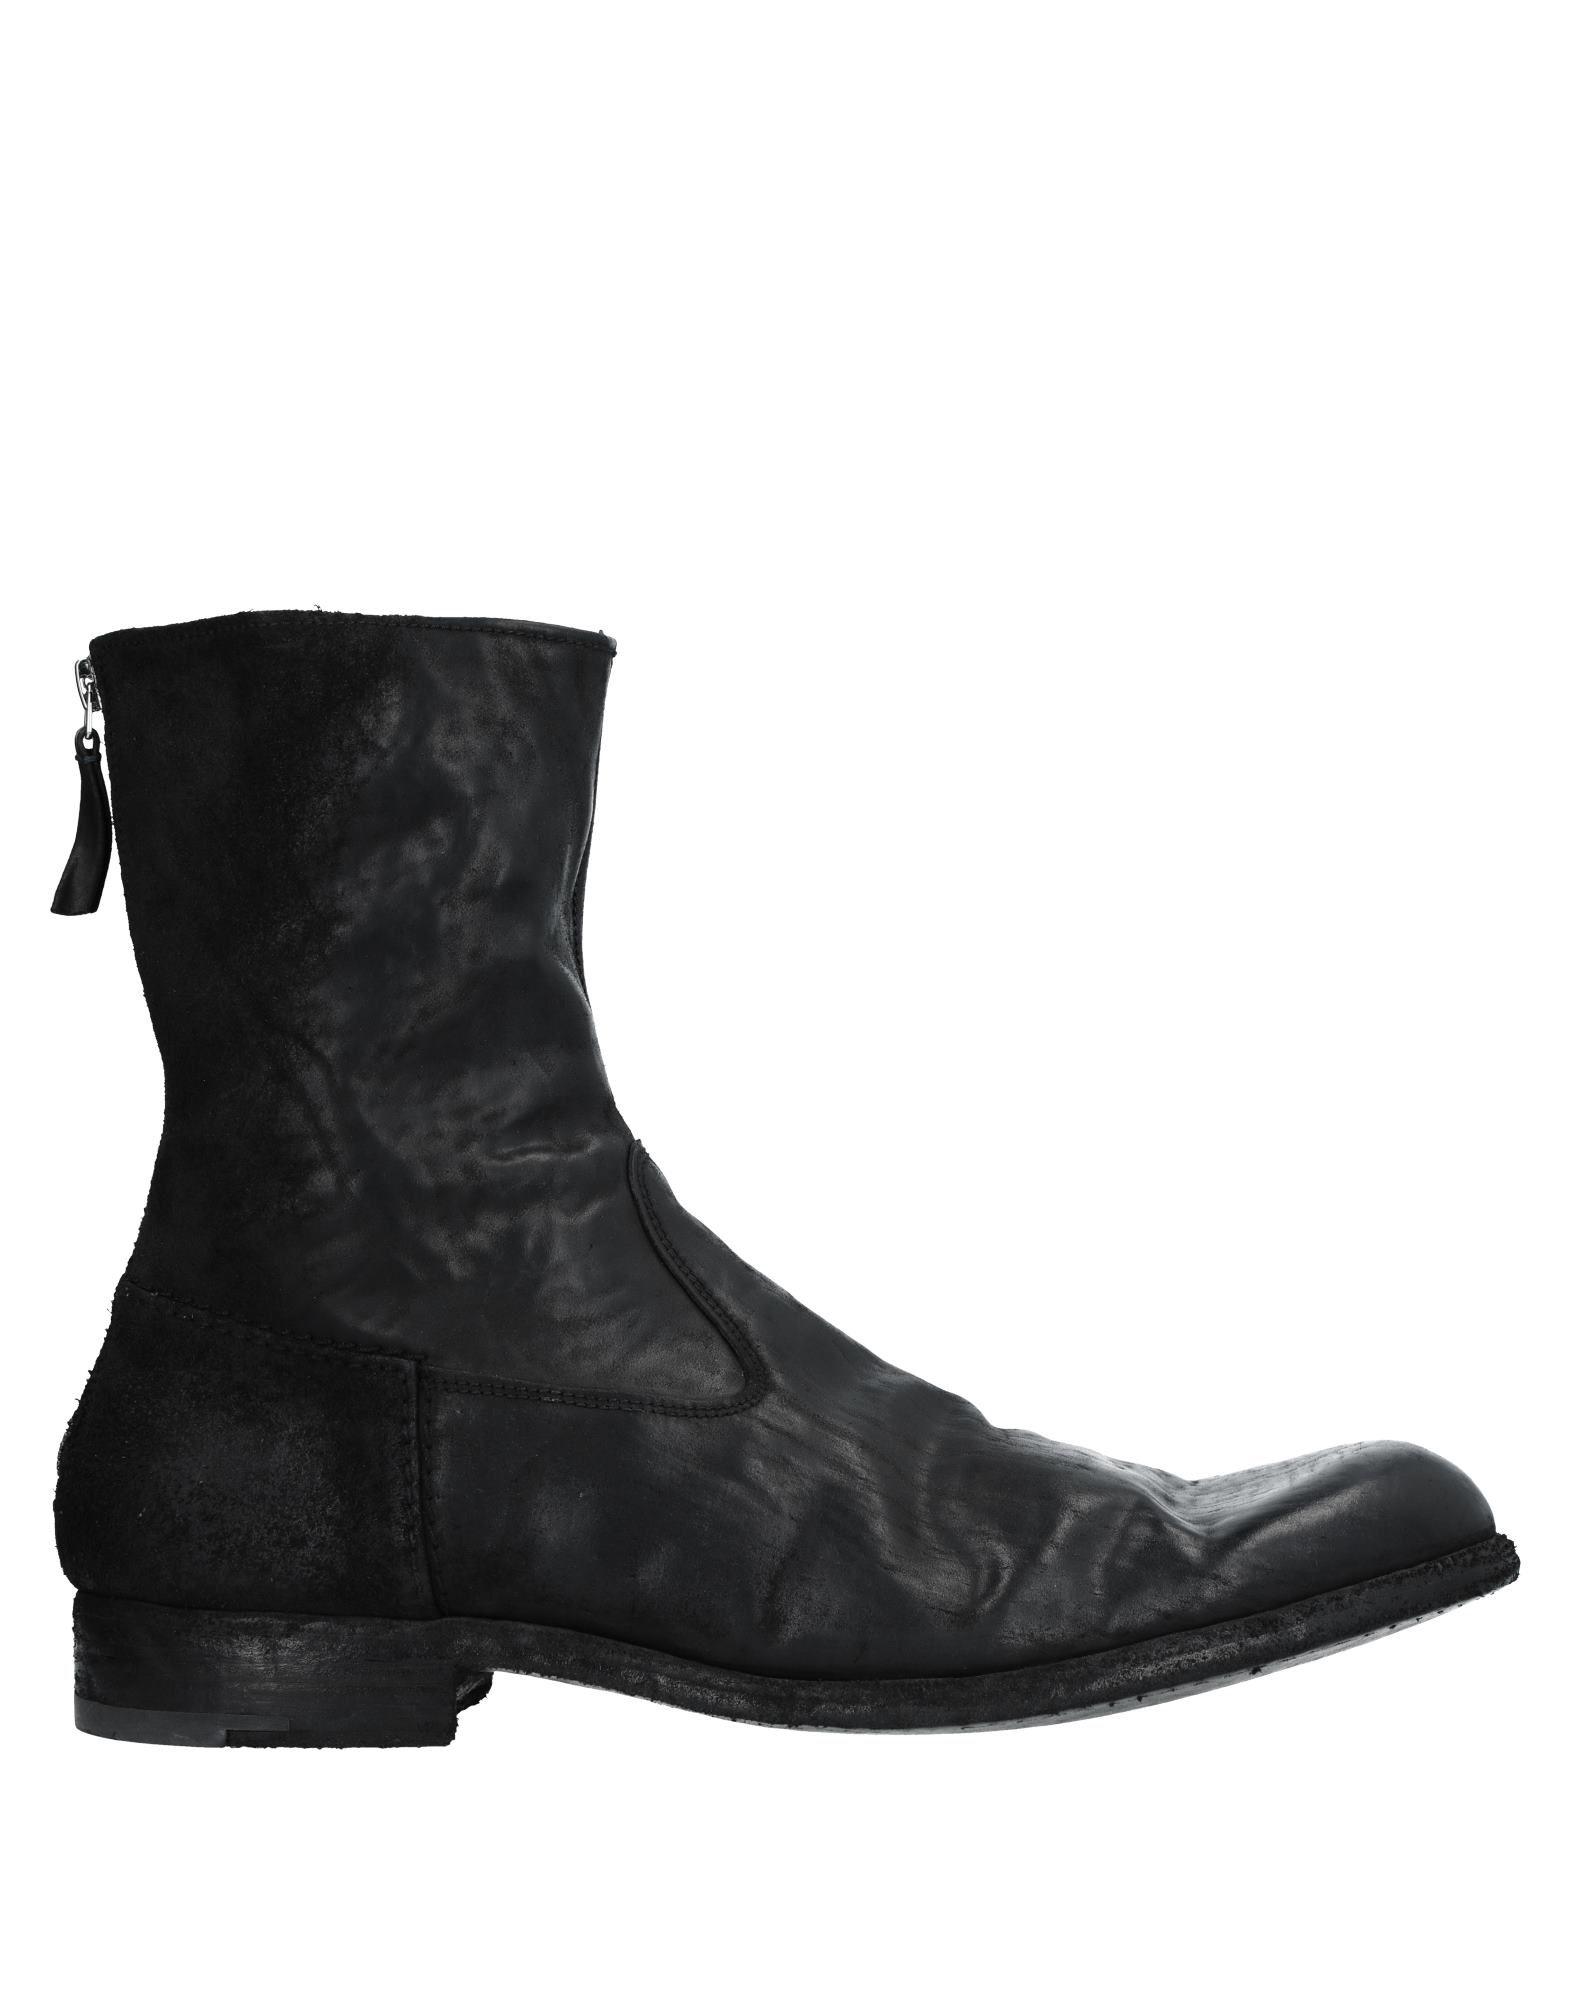 Premiata Stiefelette Herren  11530948ED Gute Qualität beliebte Schuhe